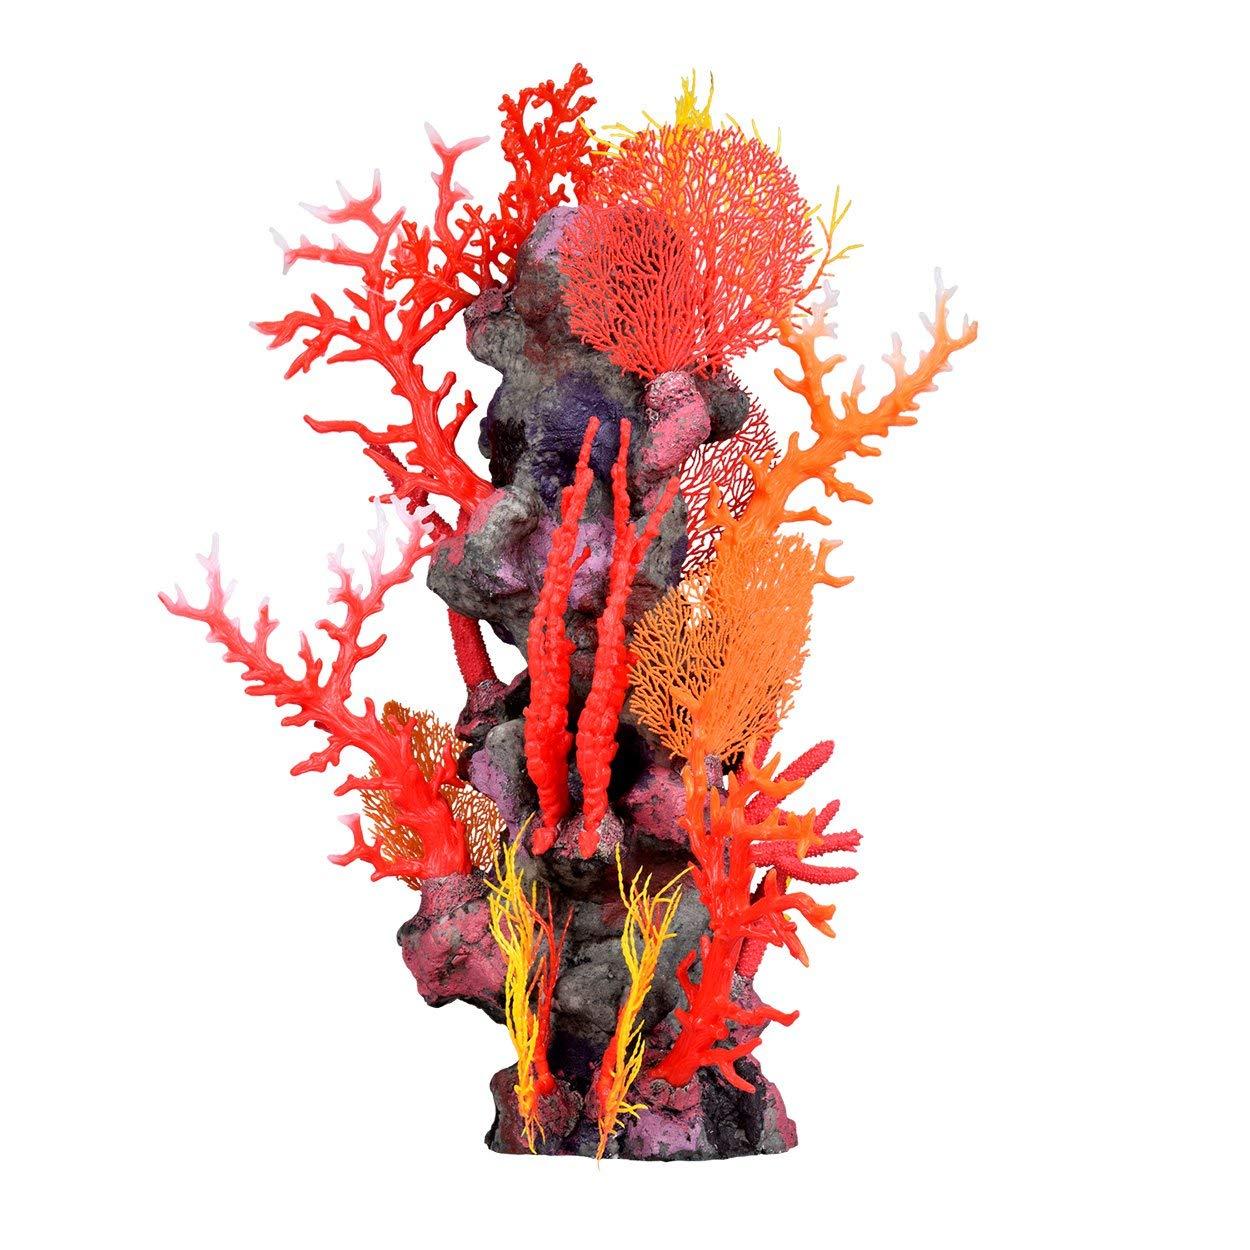 Underwater Treasures Coral Reef Pillar by Underwater Treasures